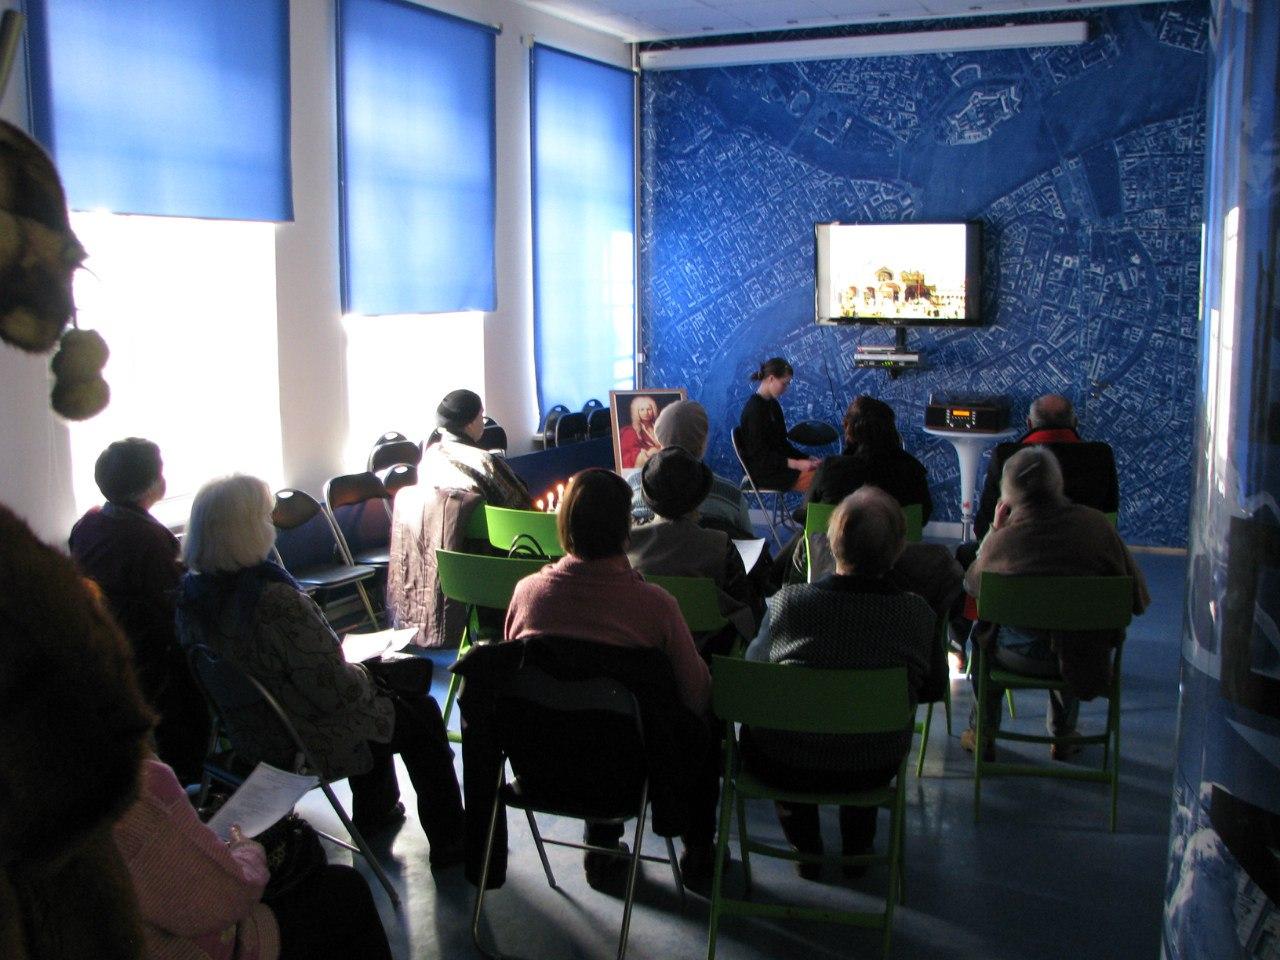 Медиатека Центра искусства и музыки библиотеки Маяковского, источник фото: https://vk.com/nbrod